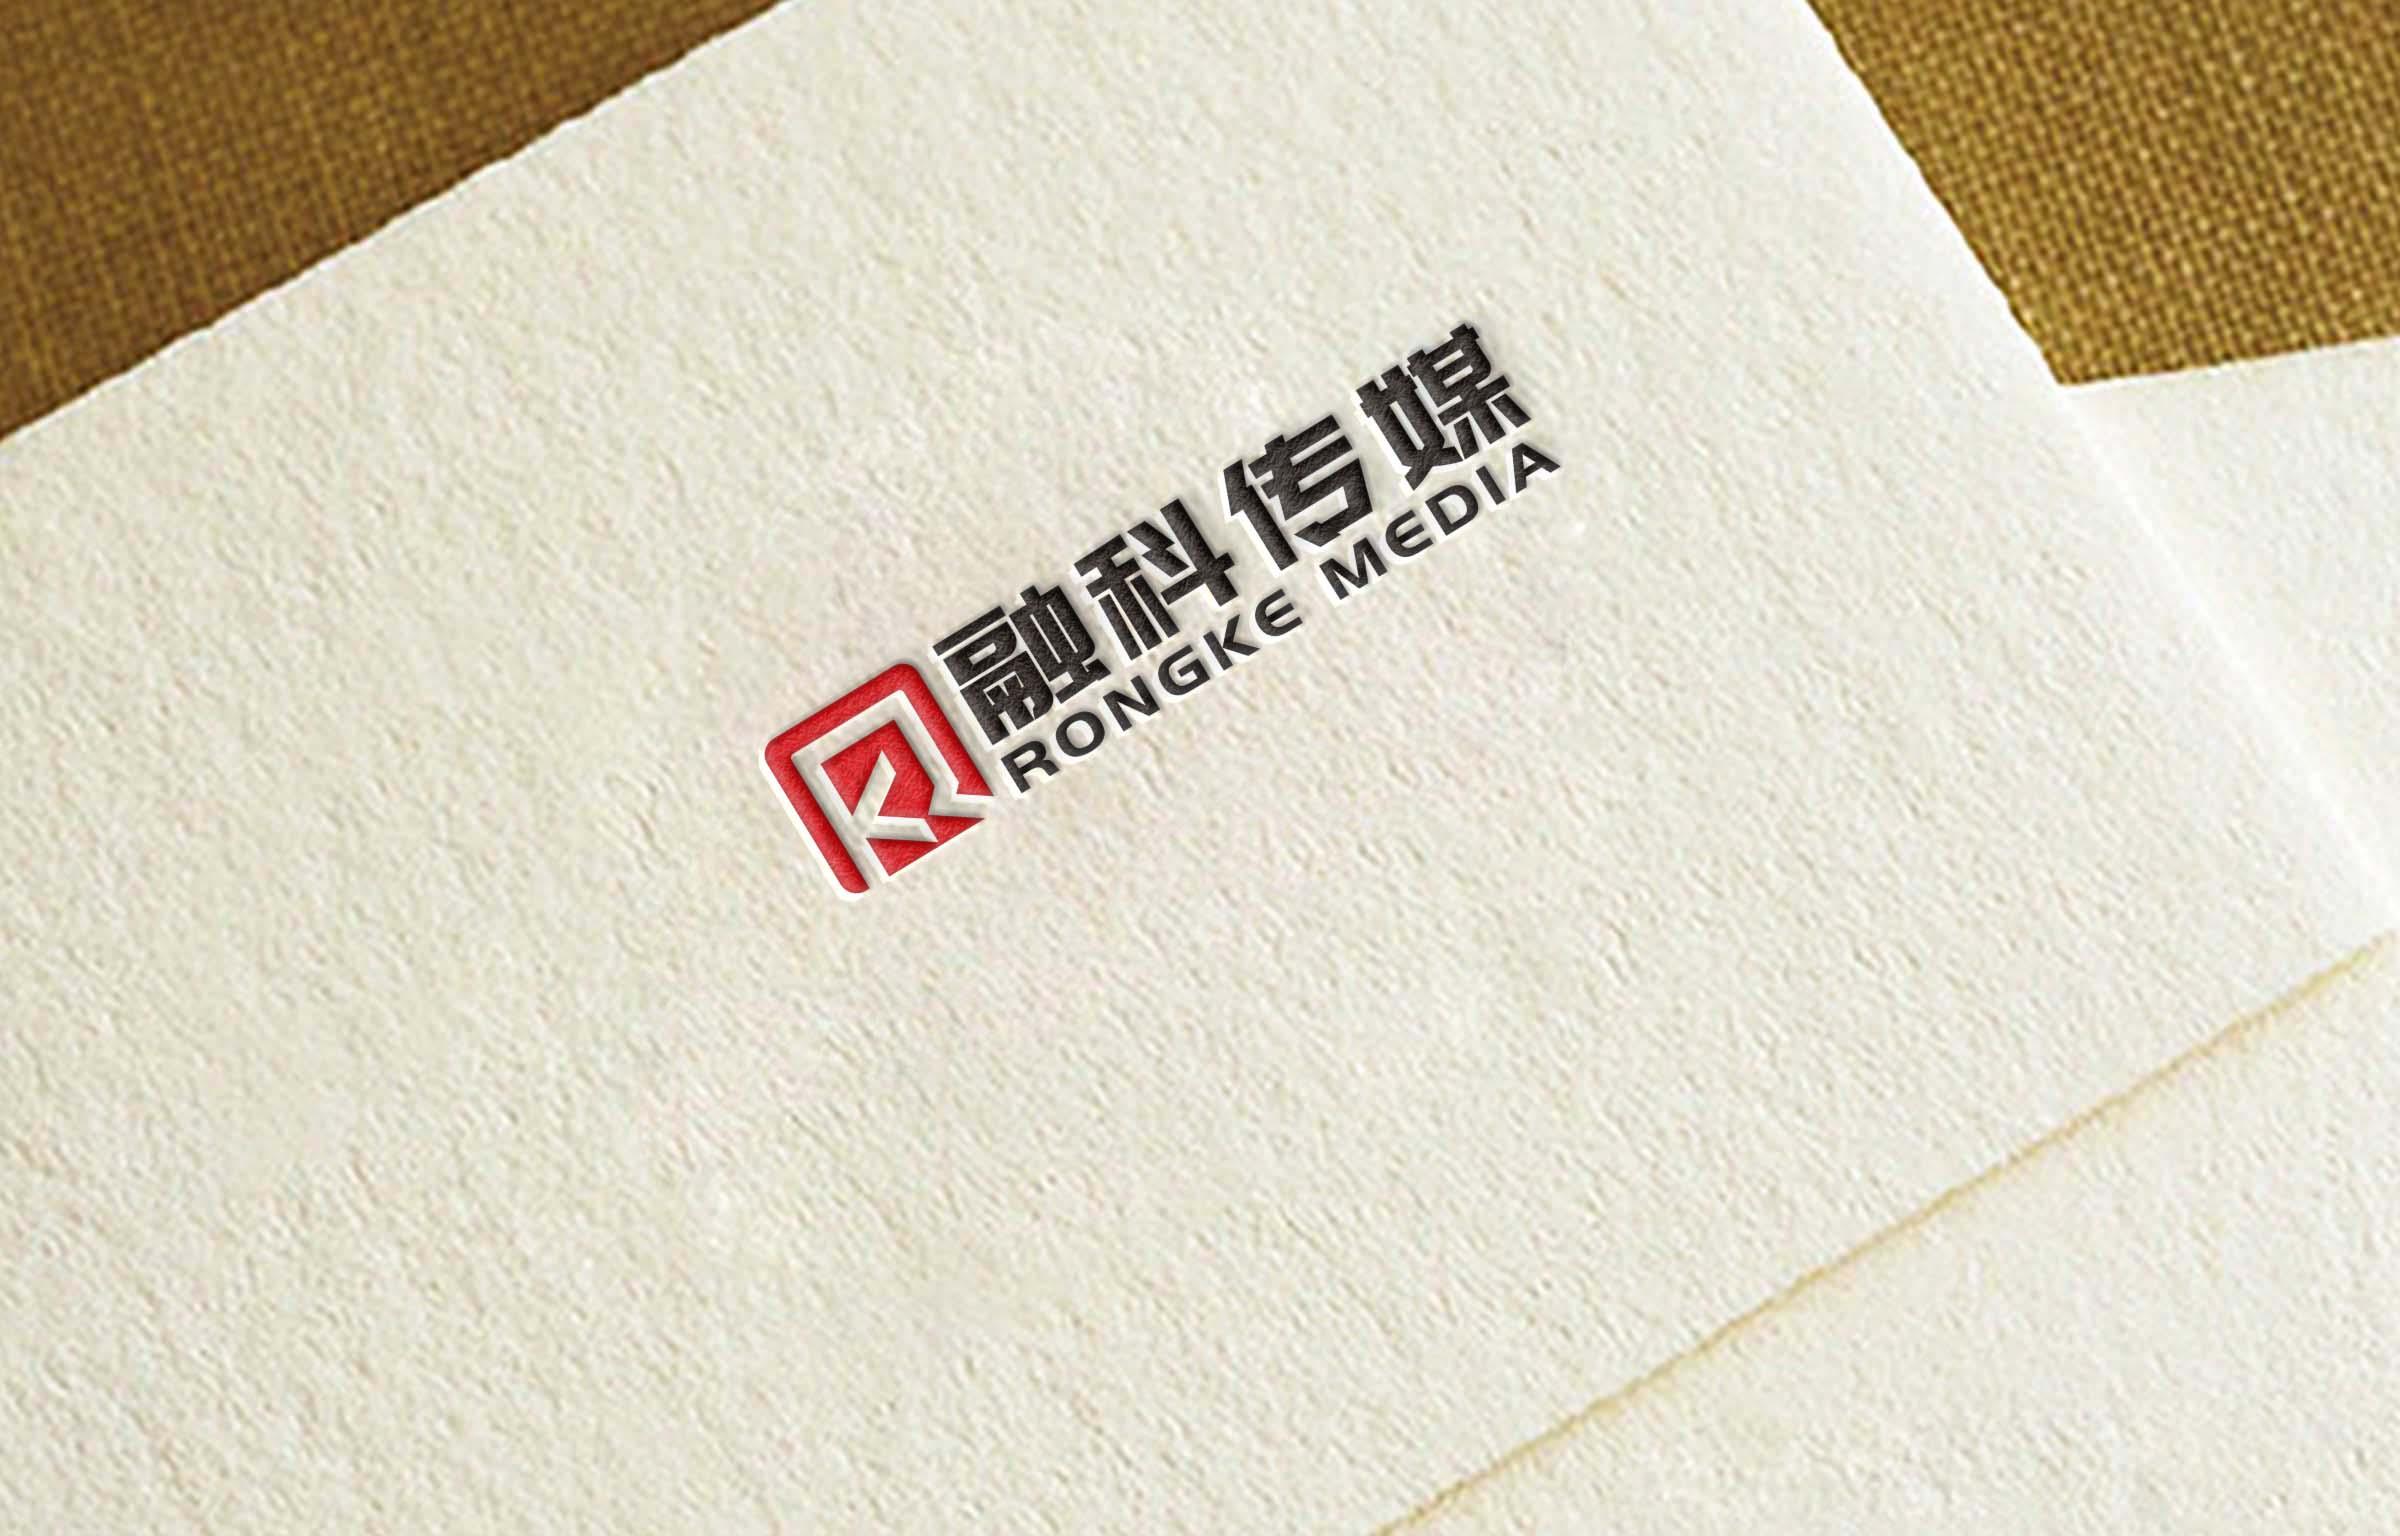 广告传媒公司LOGO设计(4天)_3034438_k68威客网